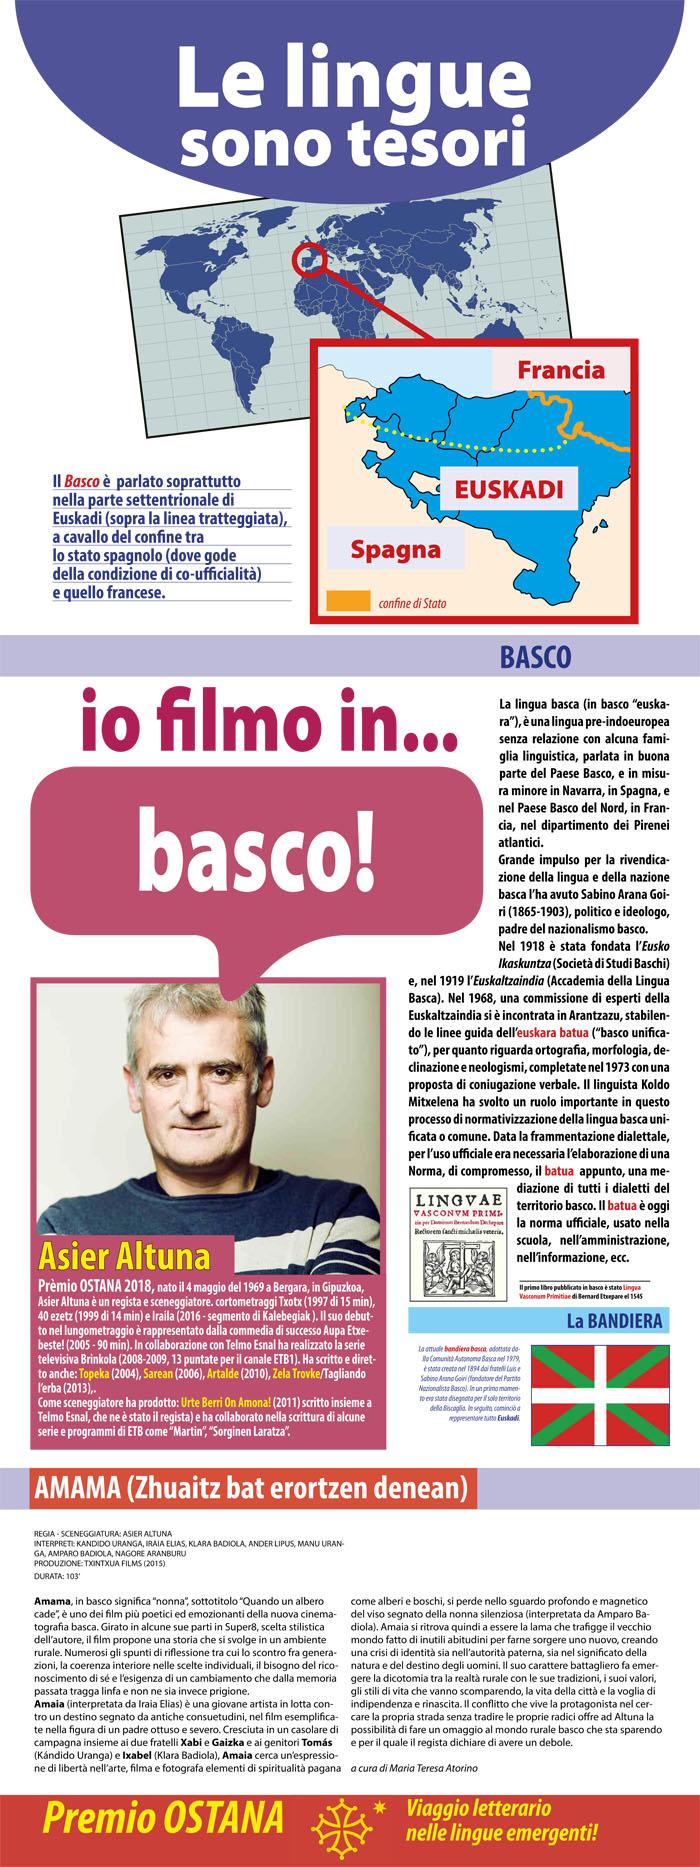 basco.jpg